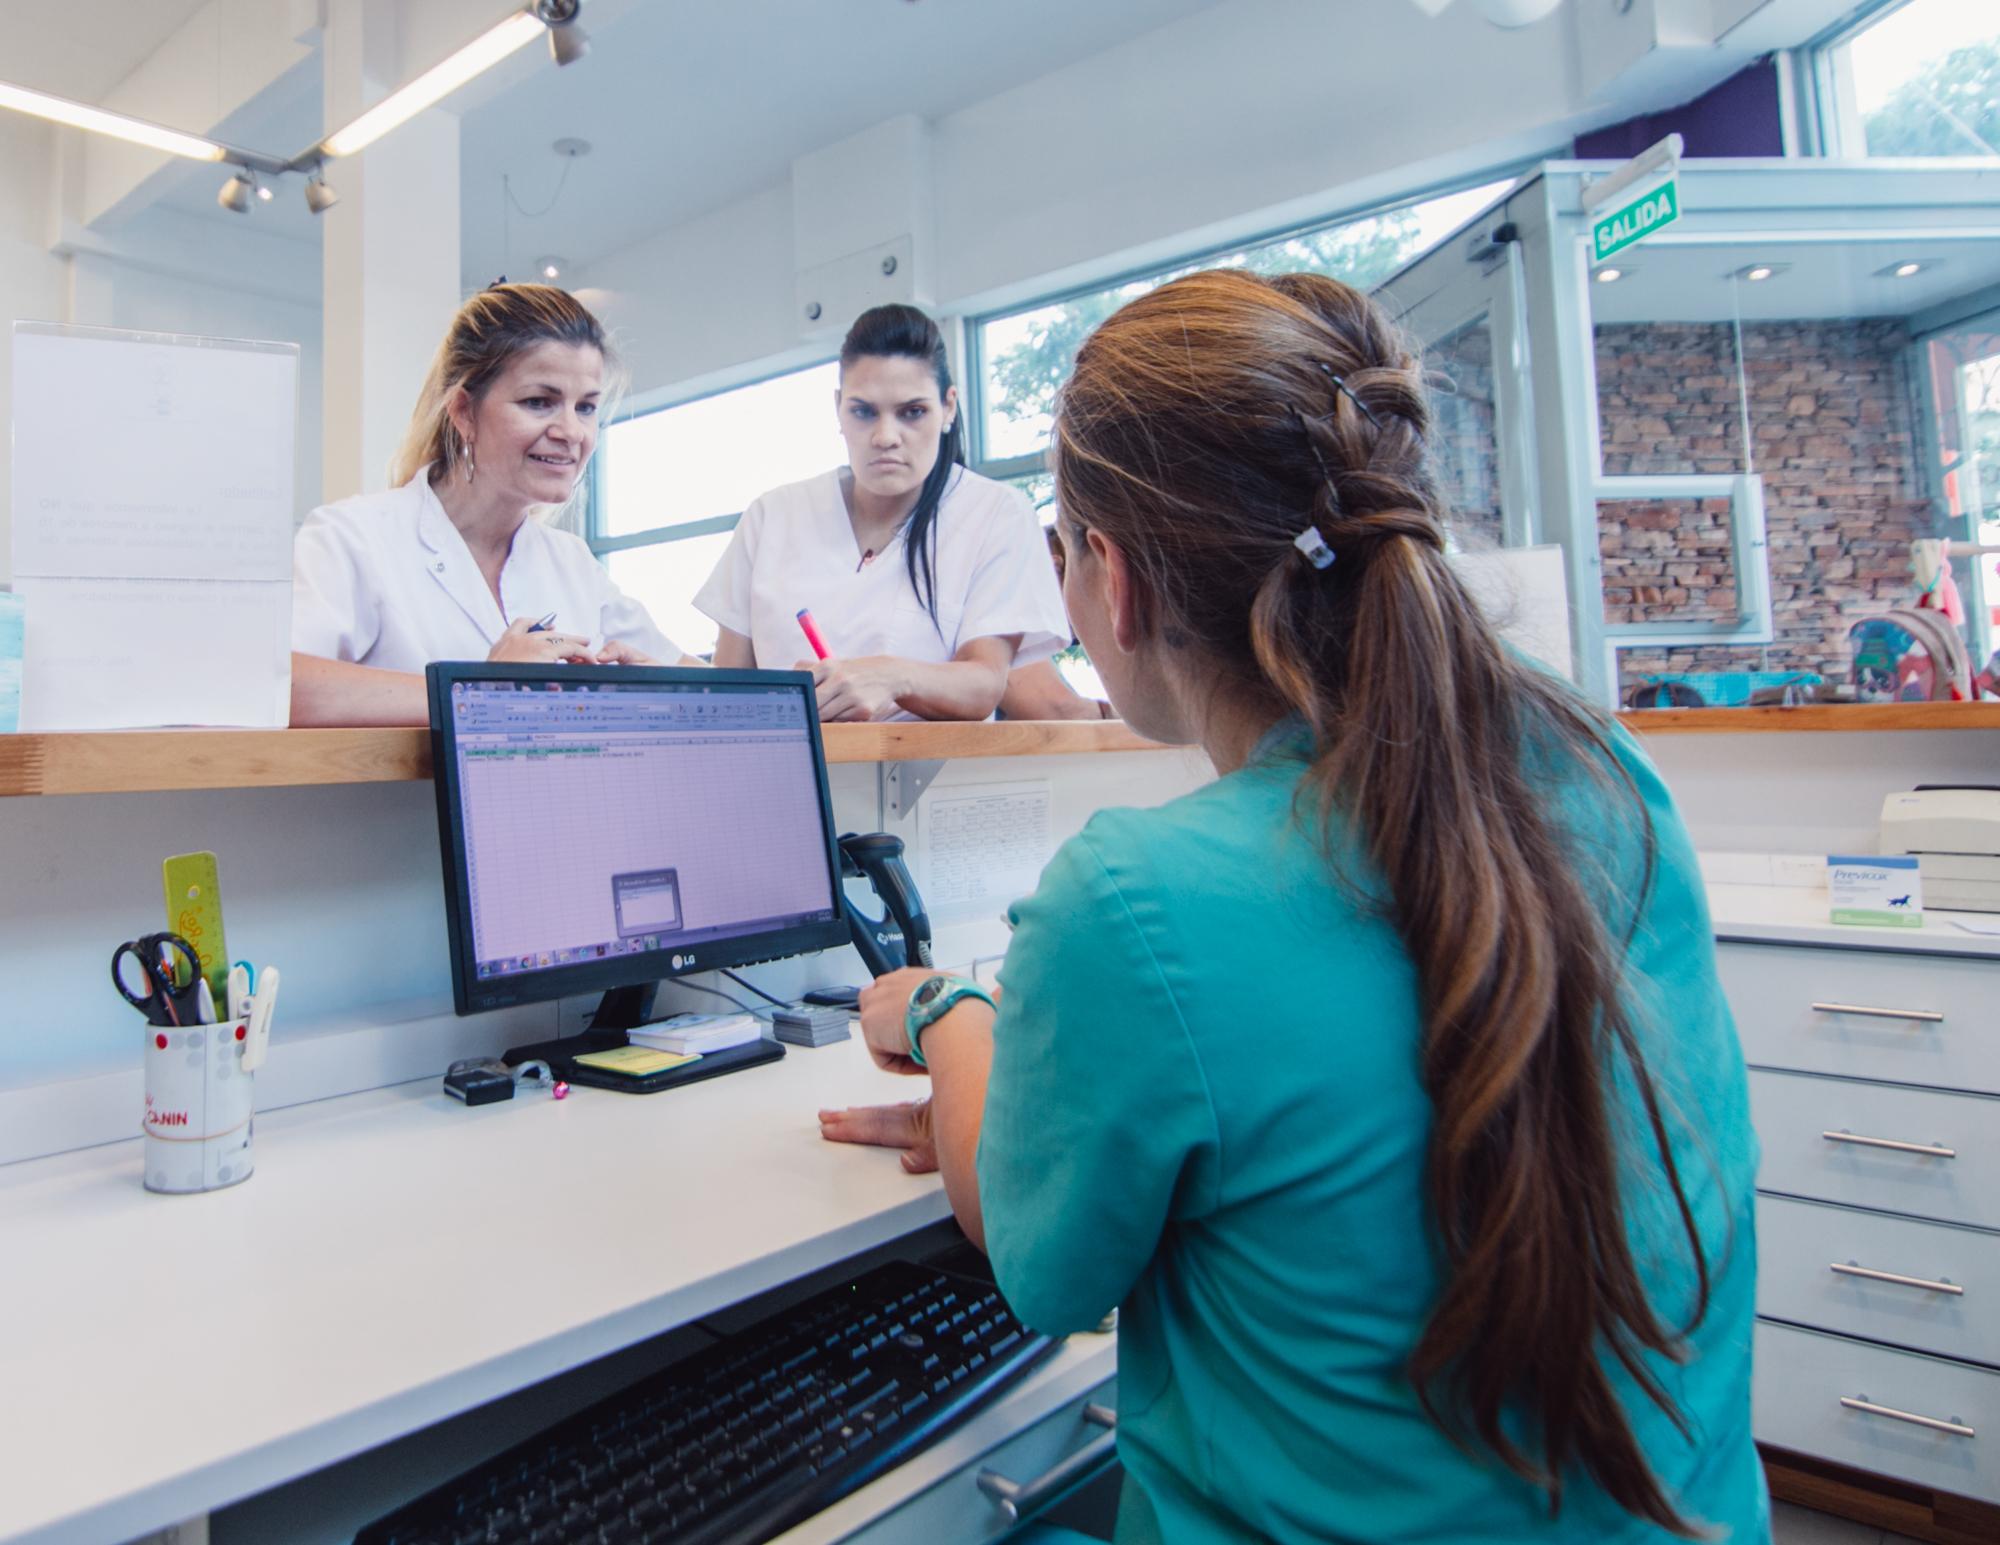 Del Interior Hospital Veterinario -0158.